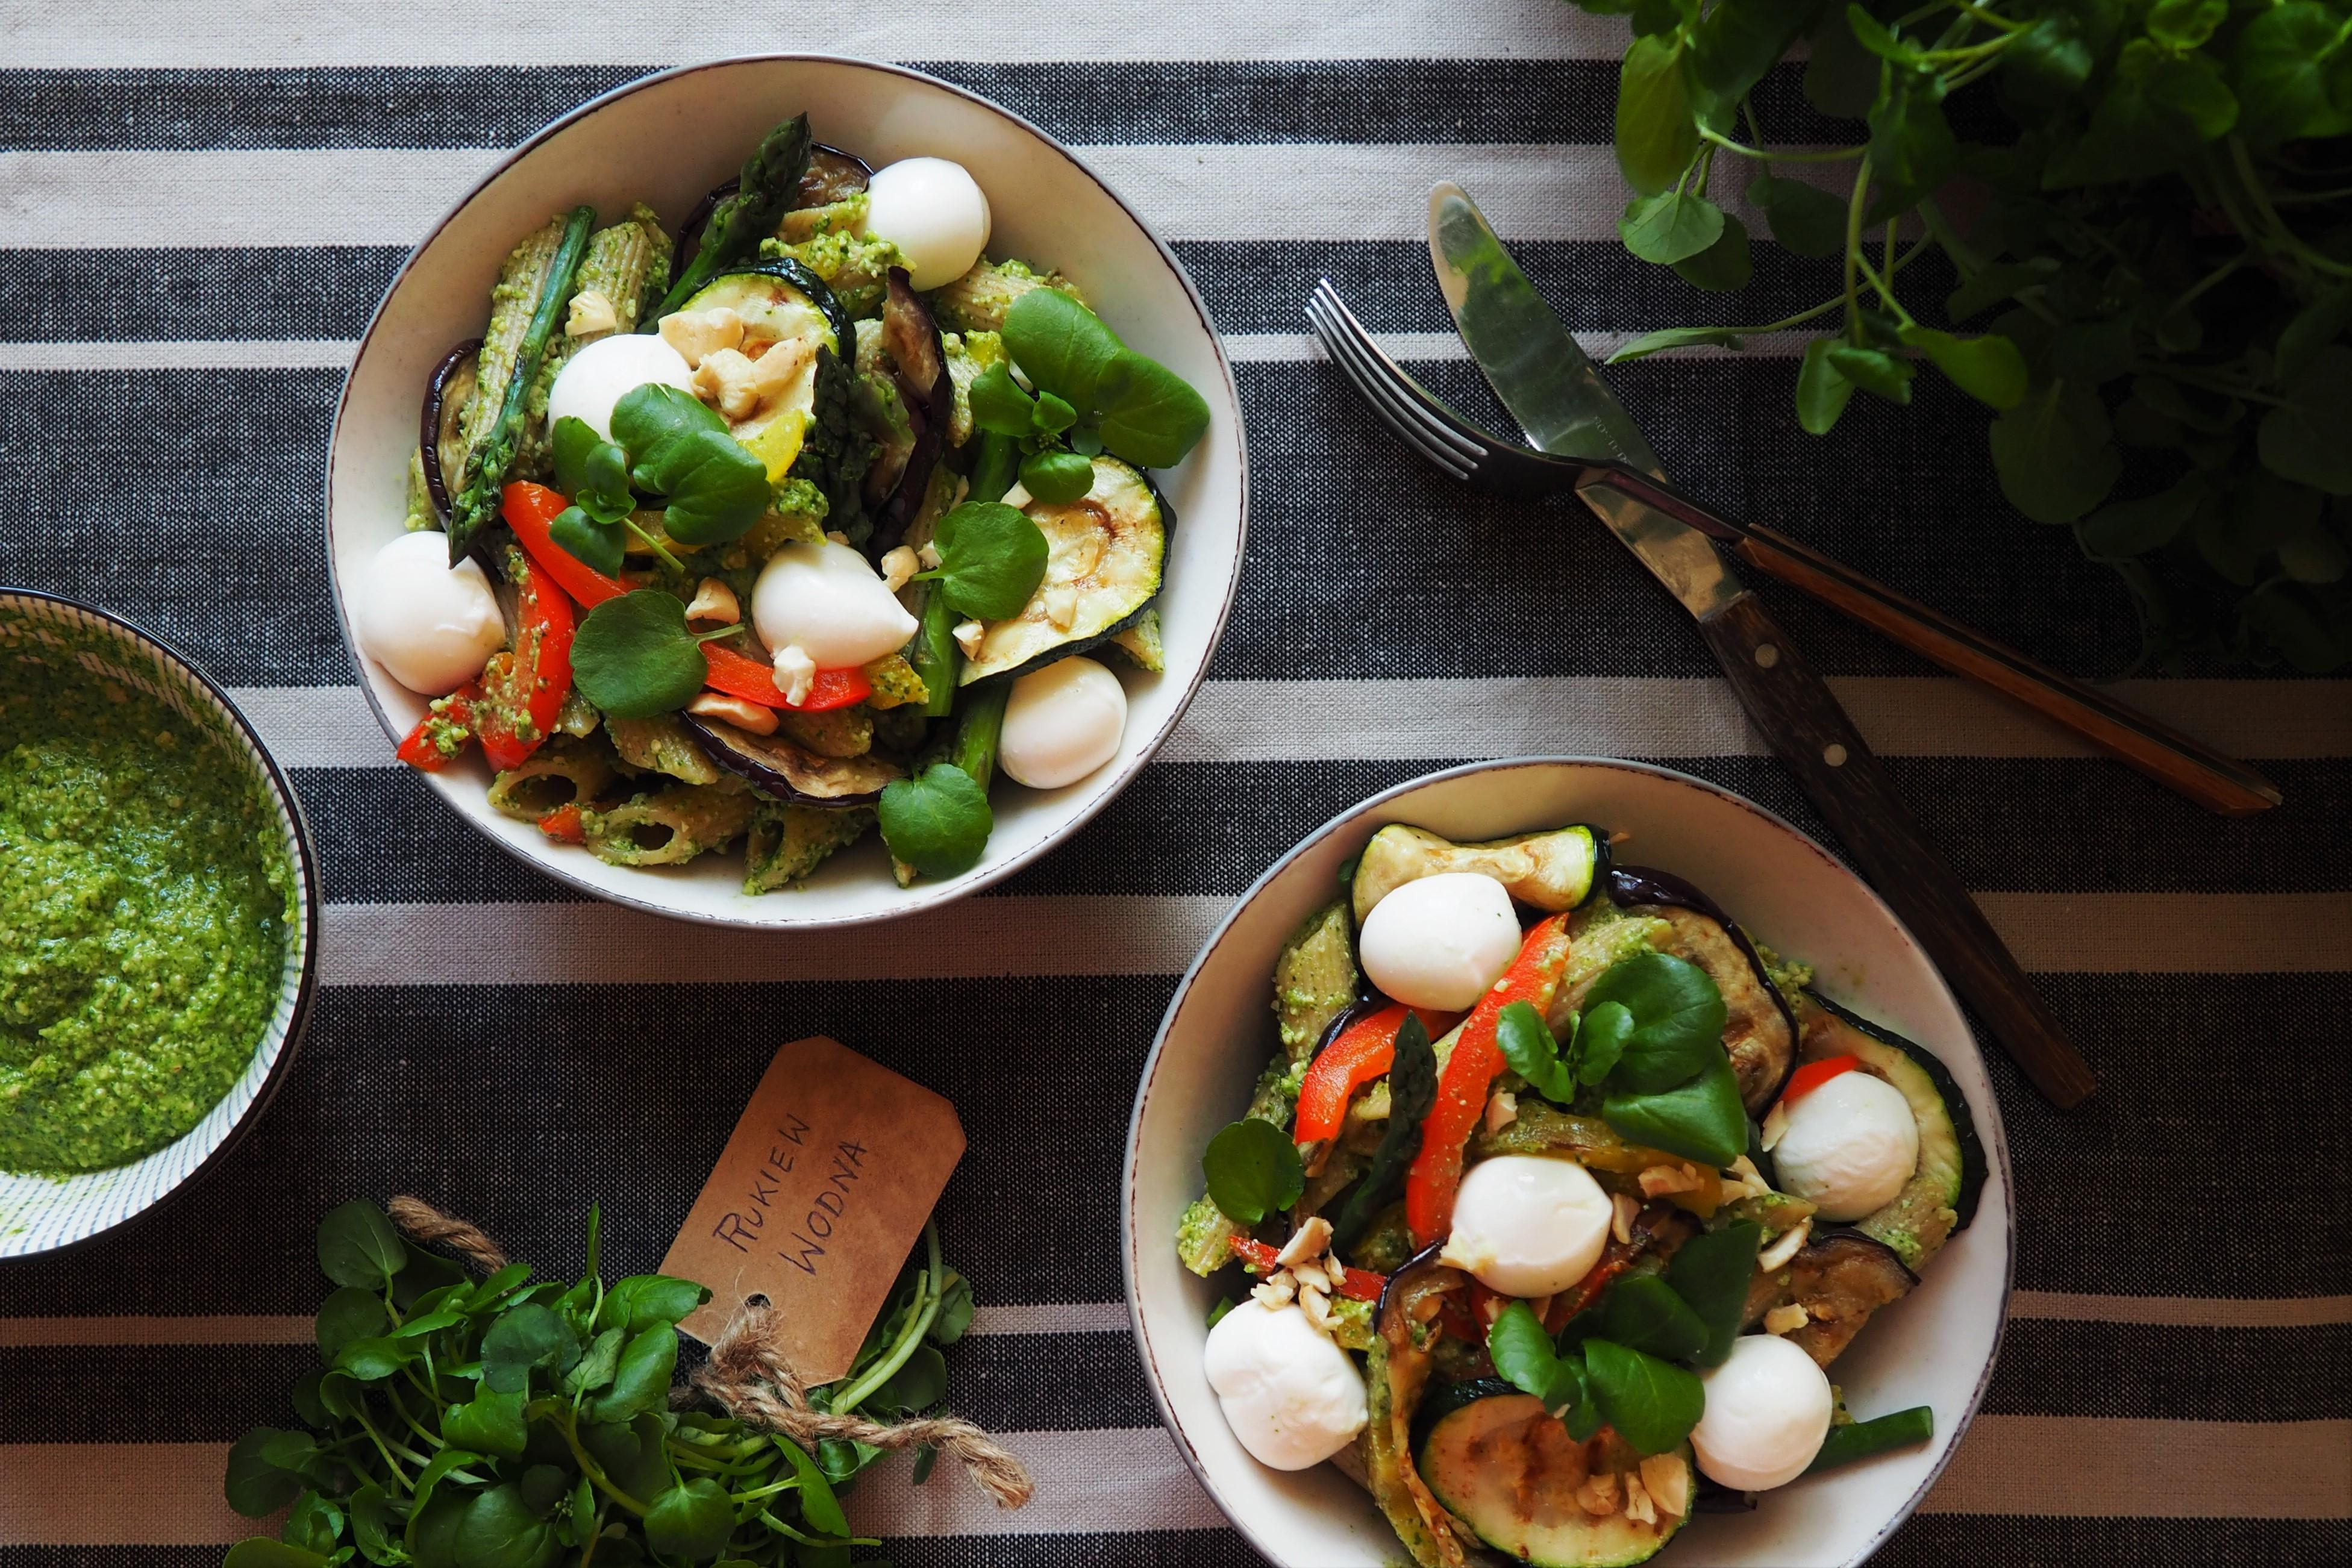 Makaron razowy z pesto z rukwi wodnej i grillowanymi warzywami